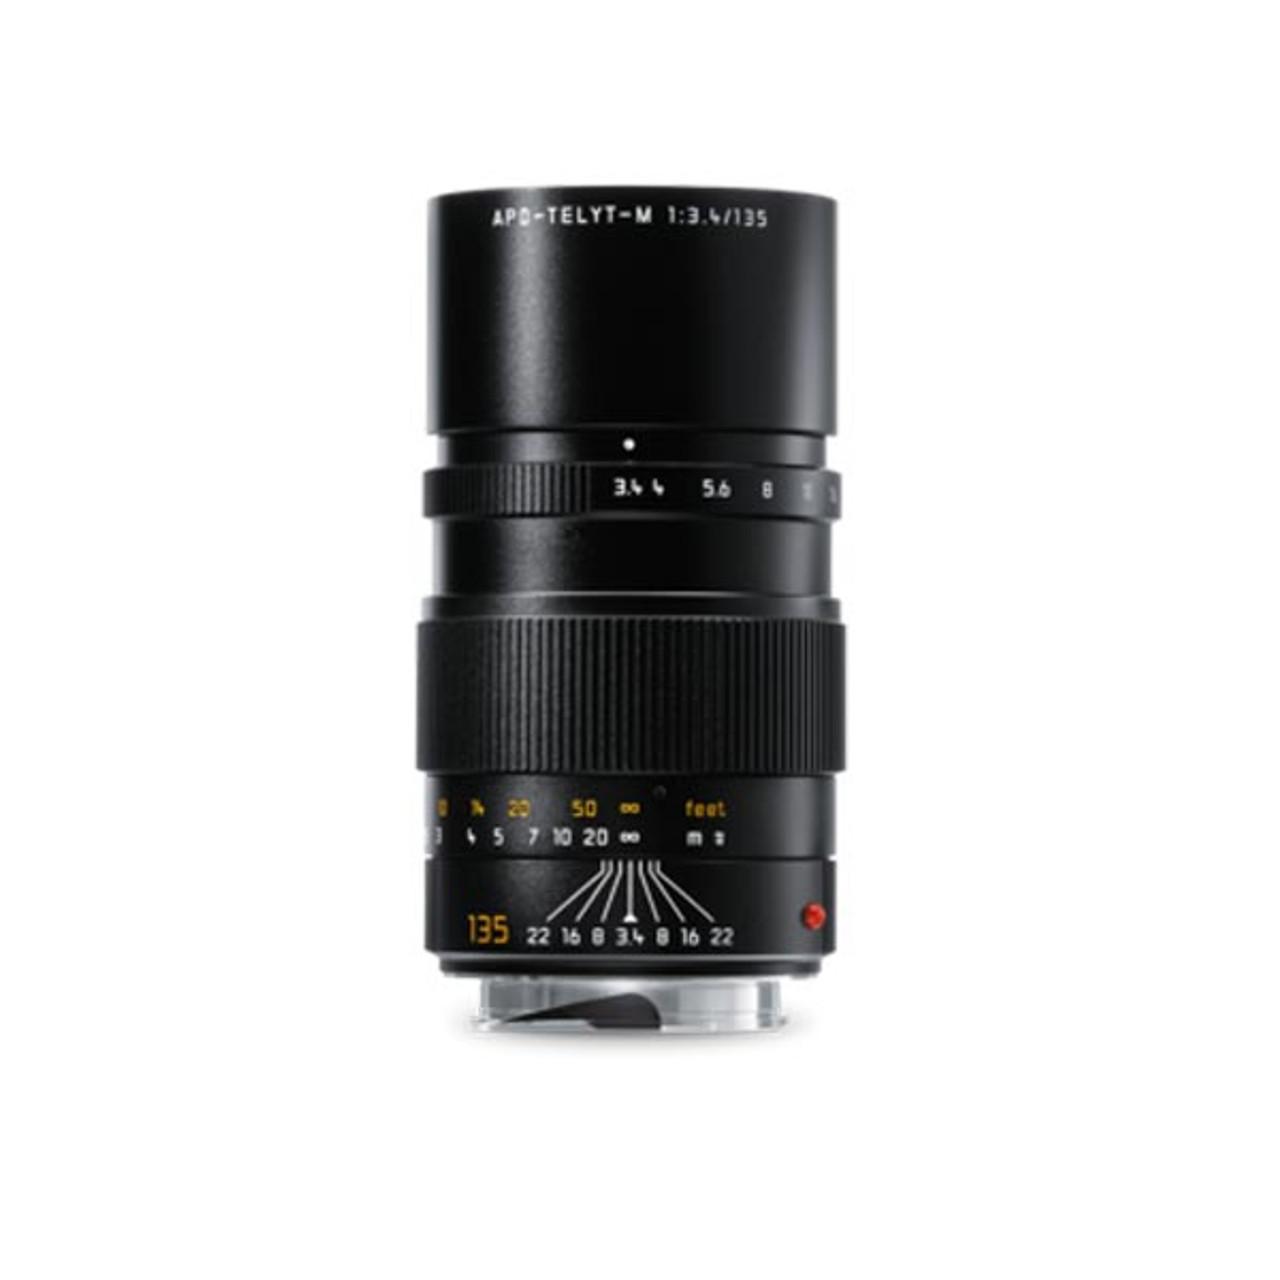 Leica APO-TELYT-M 135mm F3.4 (11889)